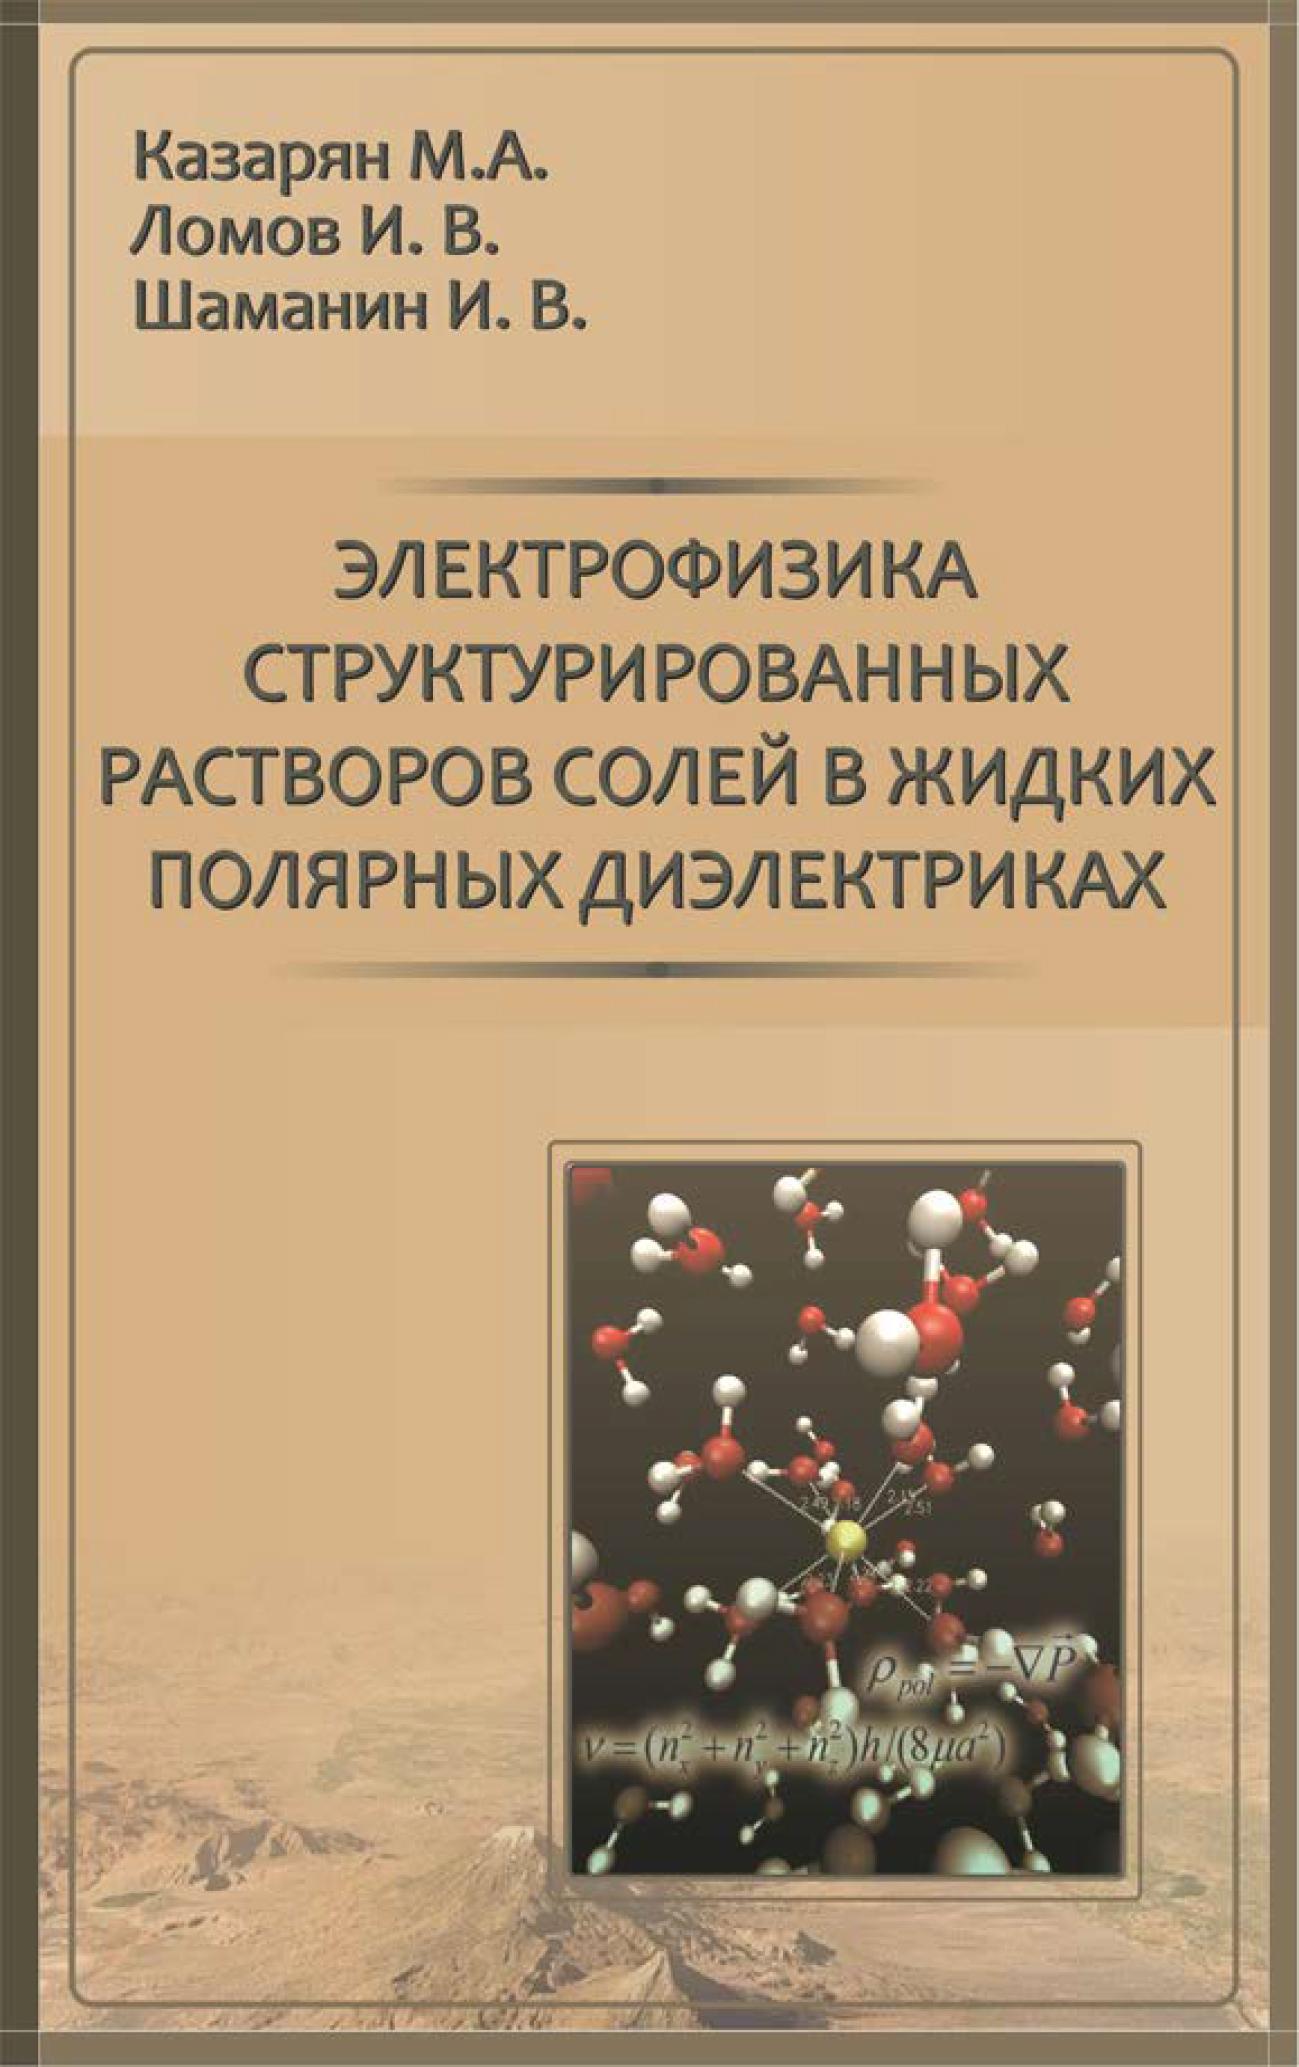 М. А. Казарян Электрофизика структурированных растворов солей в жидких полярных диэлектриках